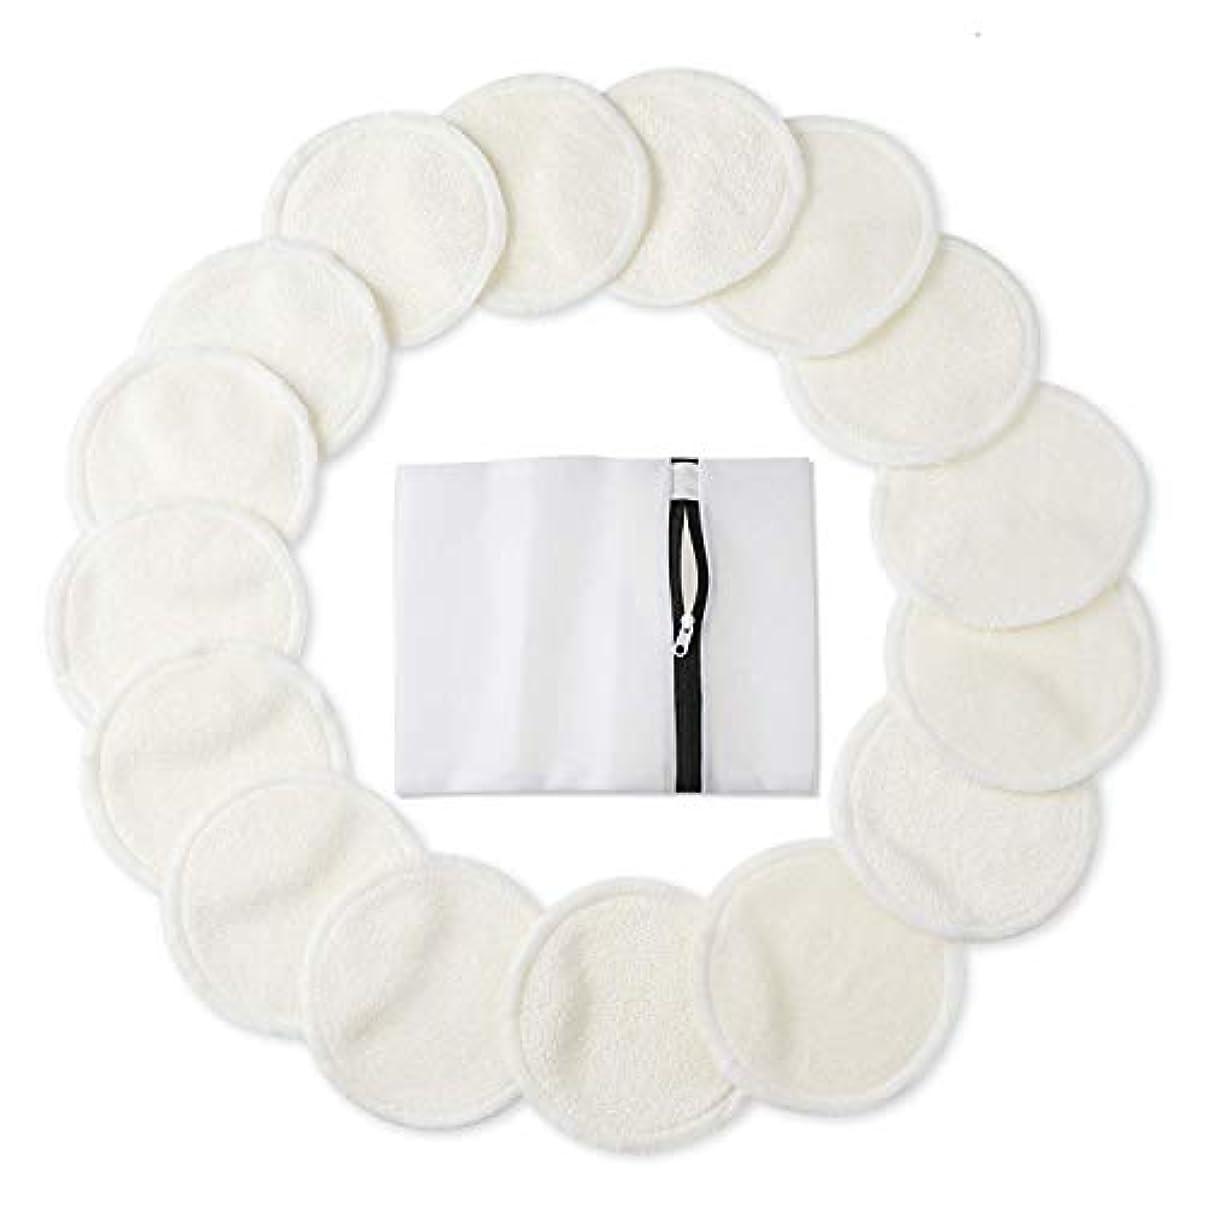 小さな減るウェーハPhogary 竹 メイクアップリムーバーパッドアイメイク削除顔用ランドリーバッグ洗える洗顔布で再利用可能な有機竹コットンラウンドワイプ3.15 2層